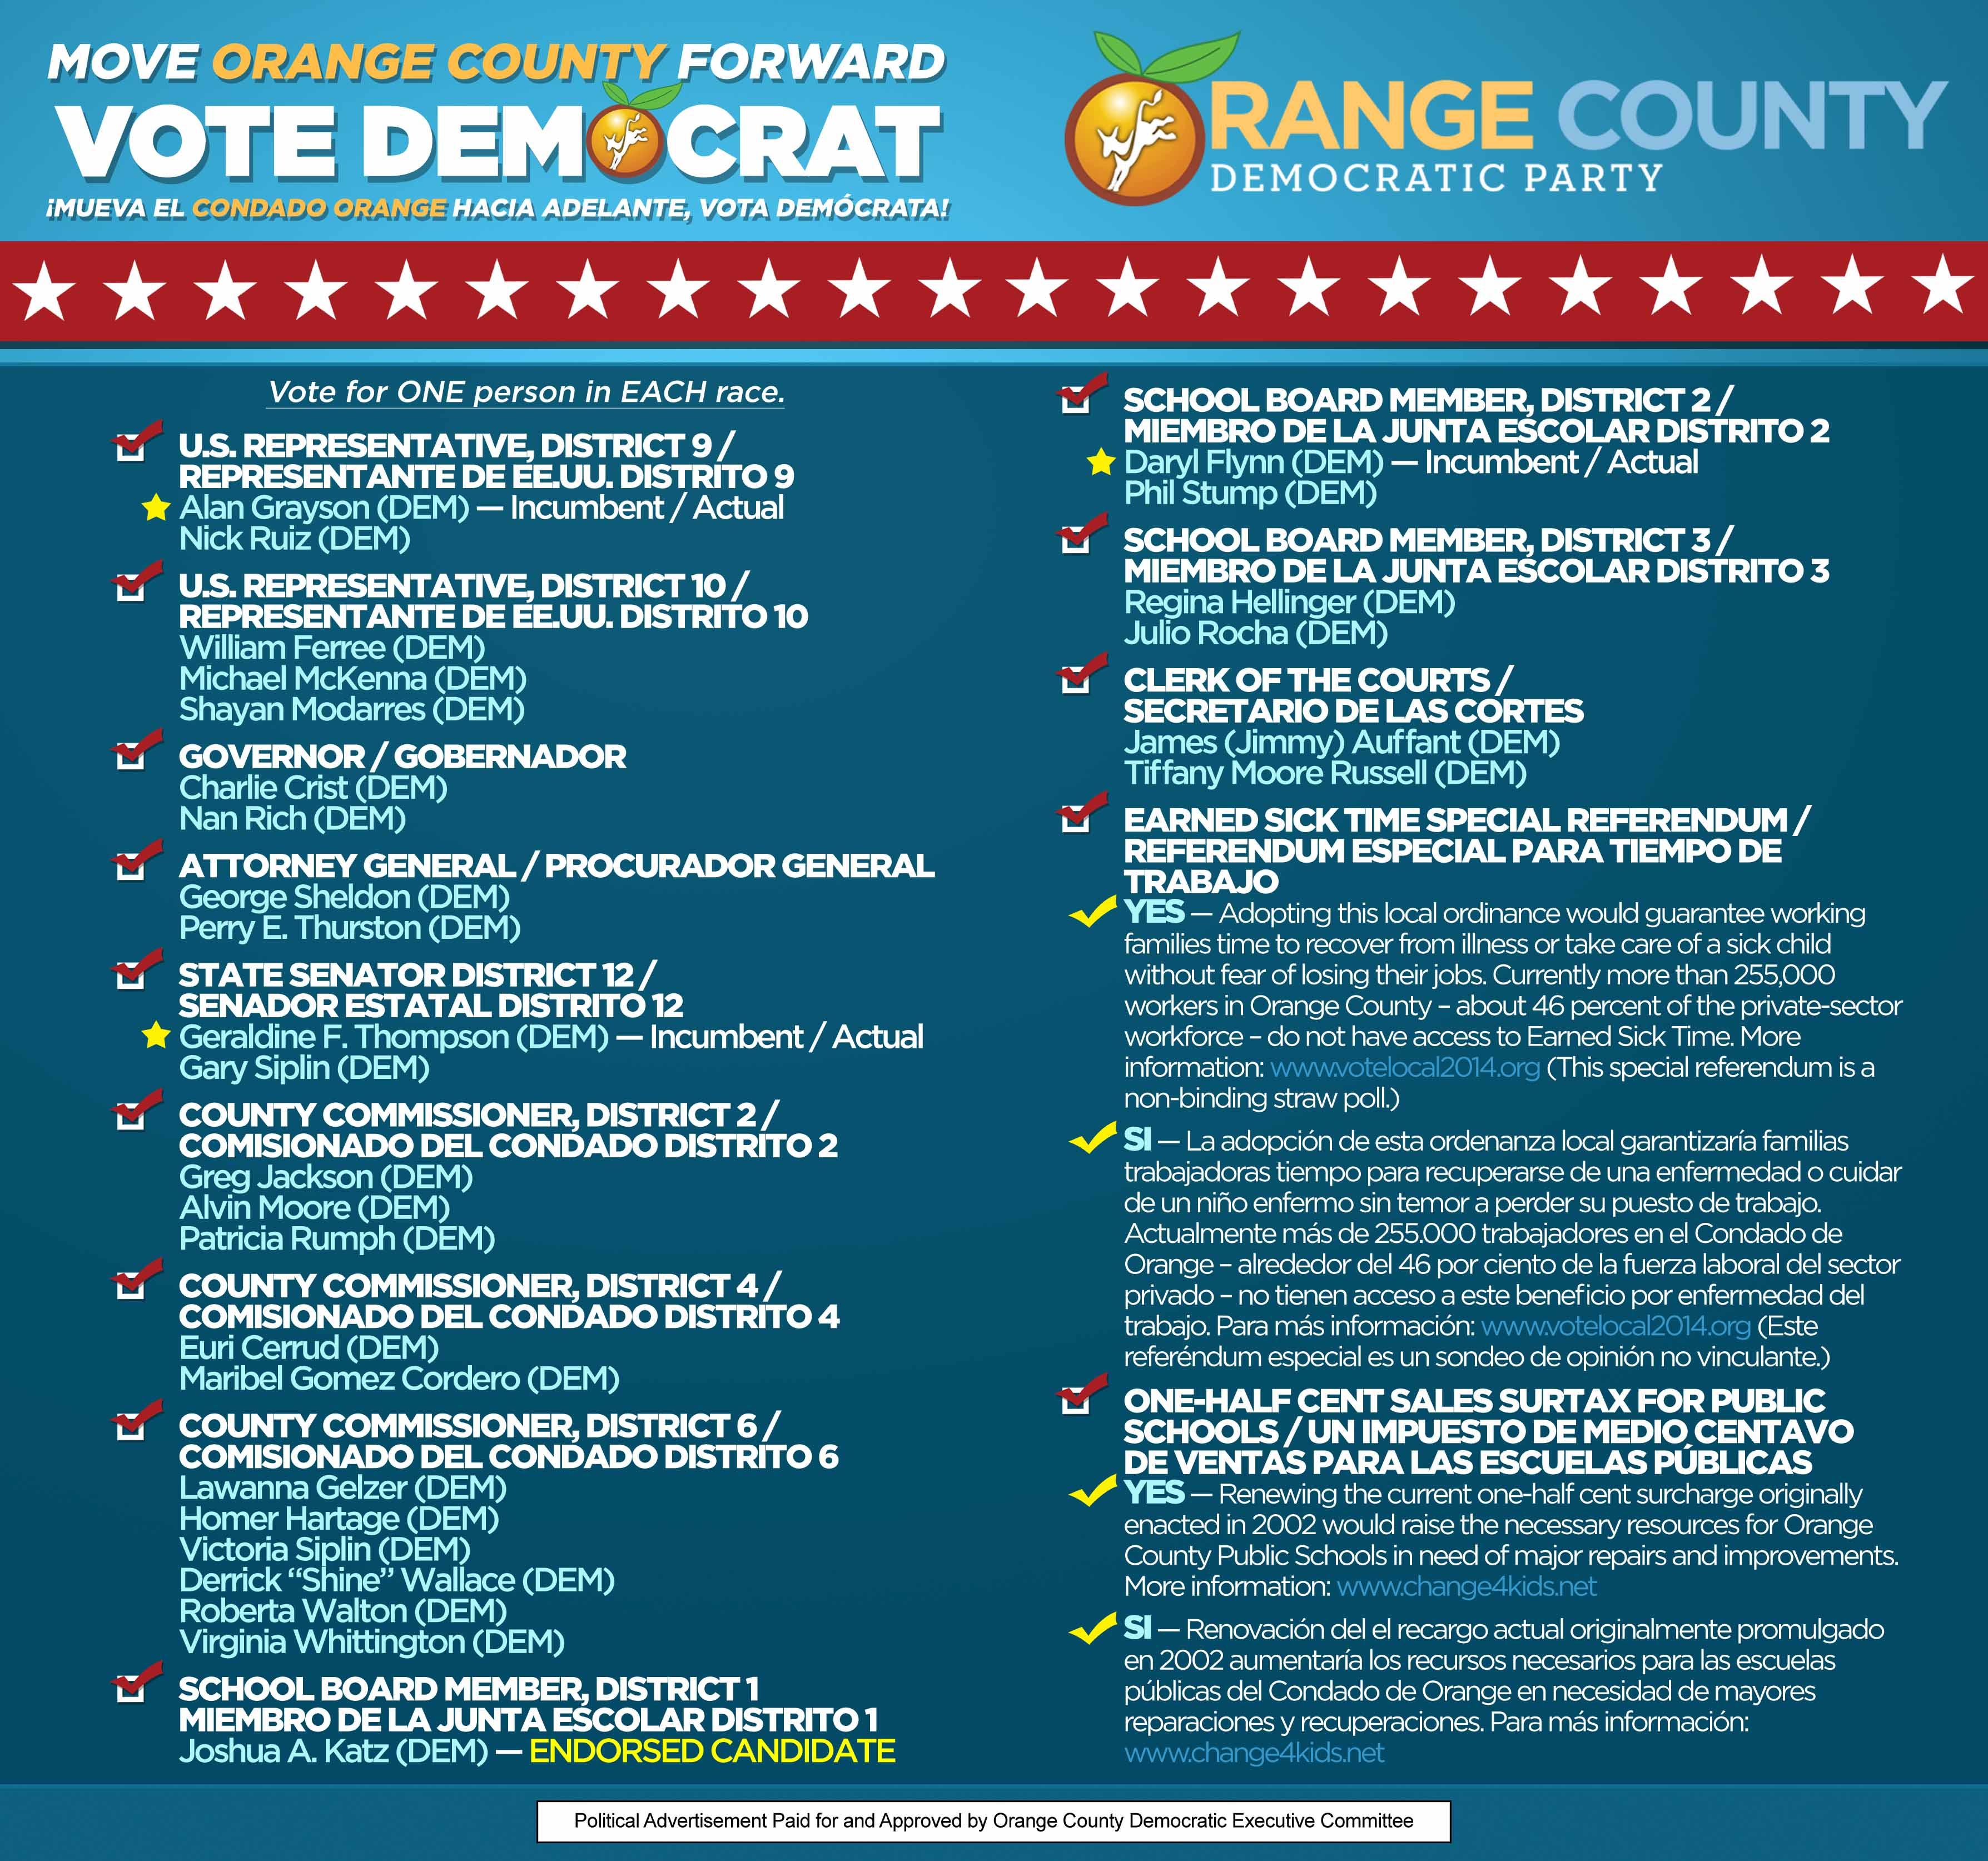 Montgomery County Democratic Party (Ohio) - Facebook